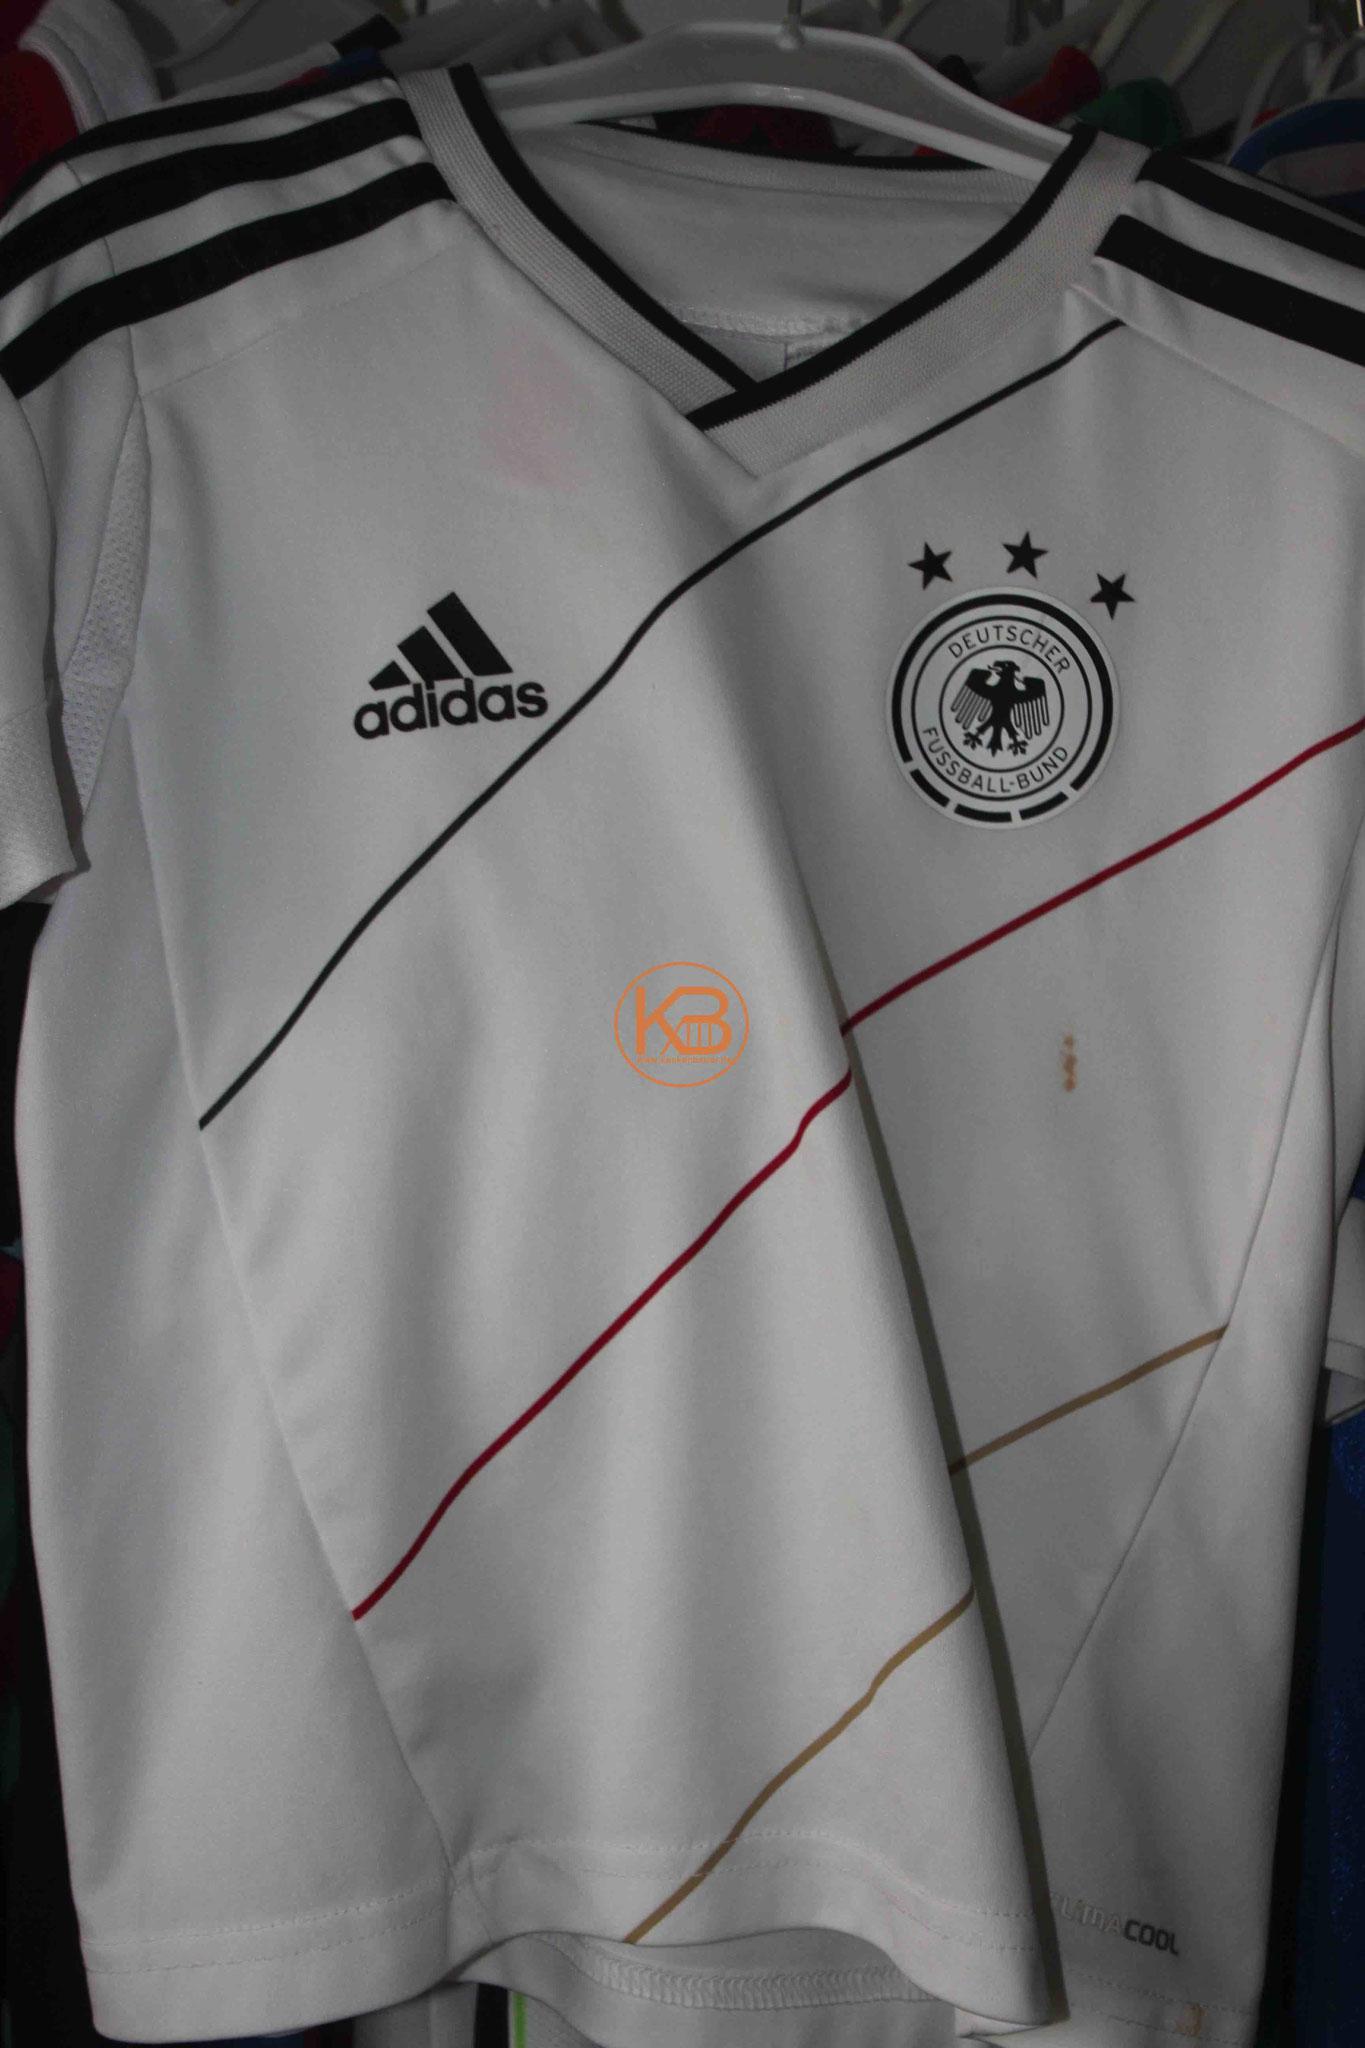 Adidas Trikot der deutschen Nationalmannschaft